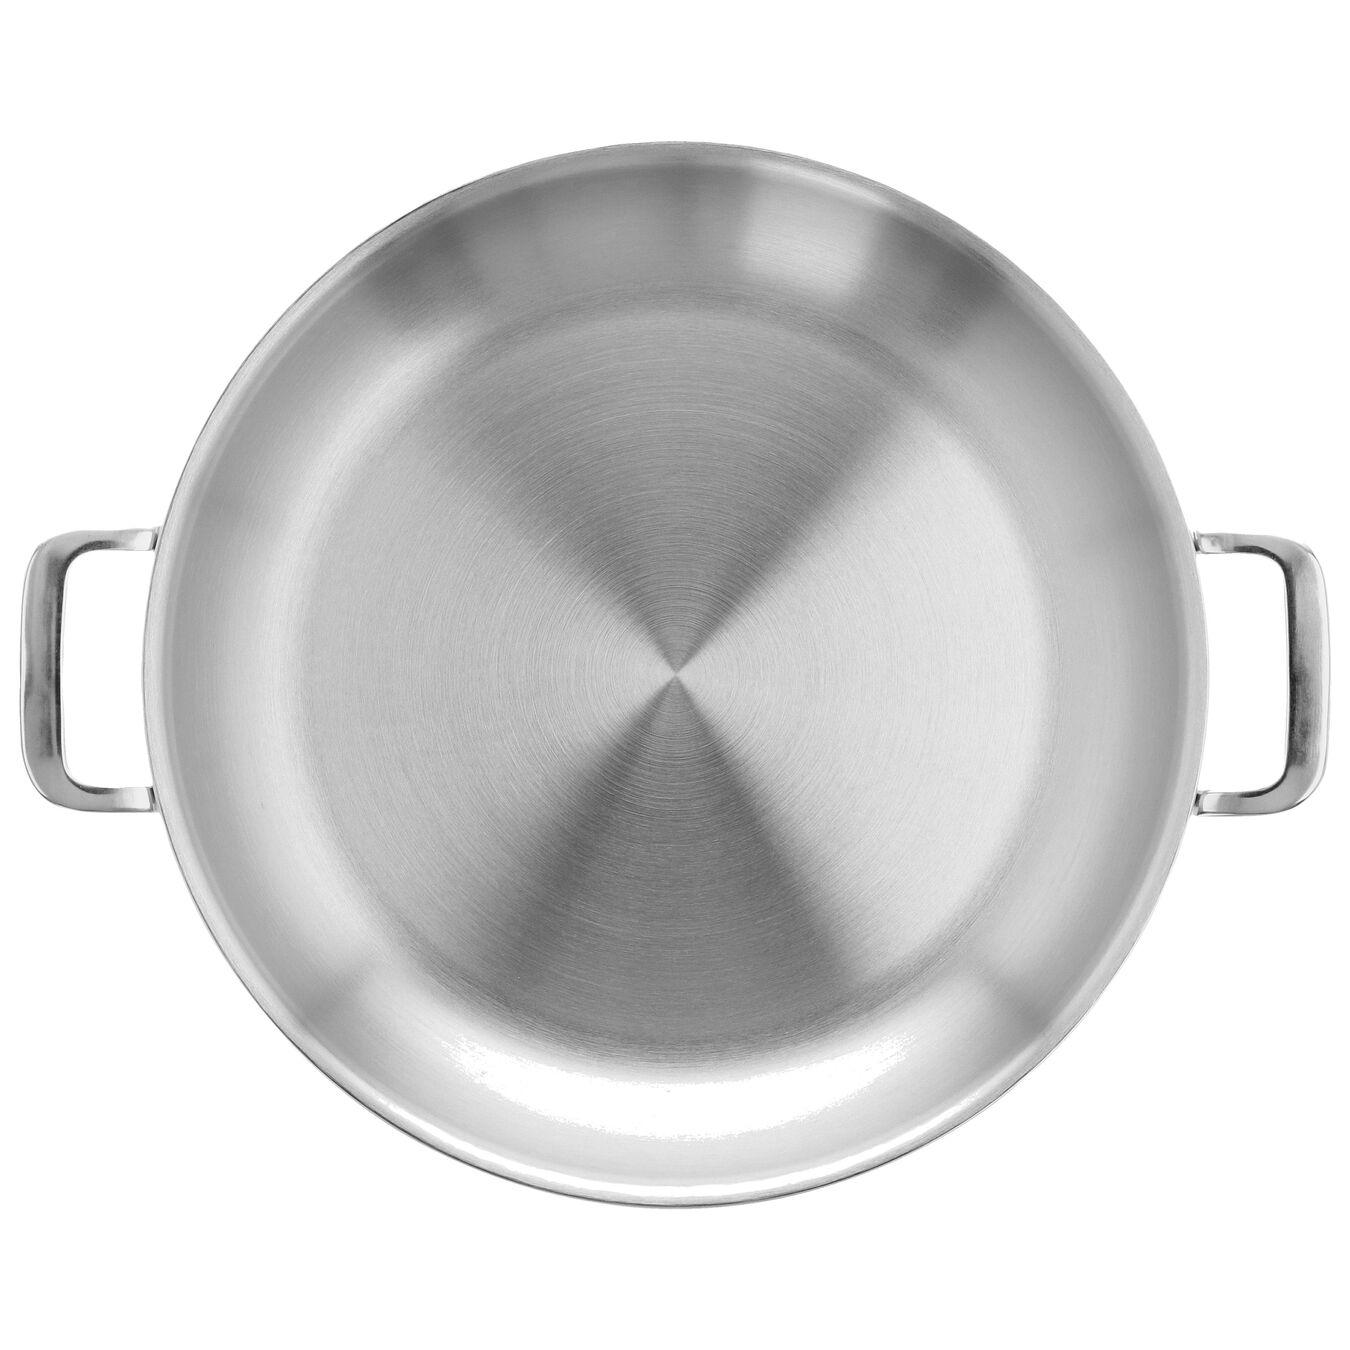 Padella con 2 maniglie - 32 cm, 18/10 acciaio inossidabile,,large 4